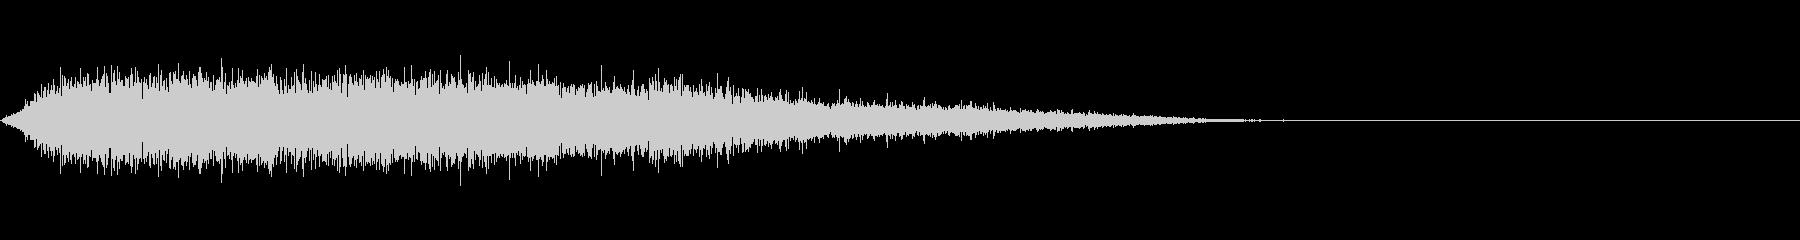 歓声 応援 祝いの声 効果音 02の未再生の波形